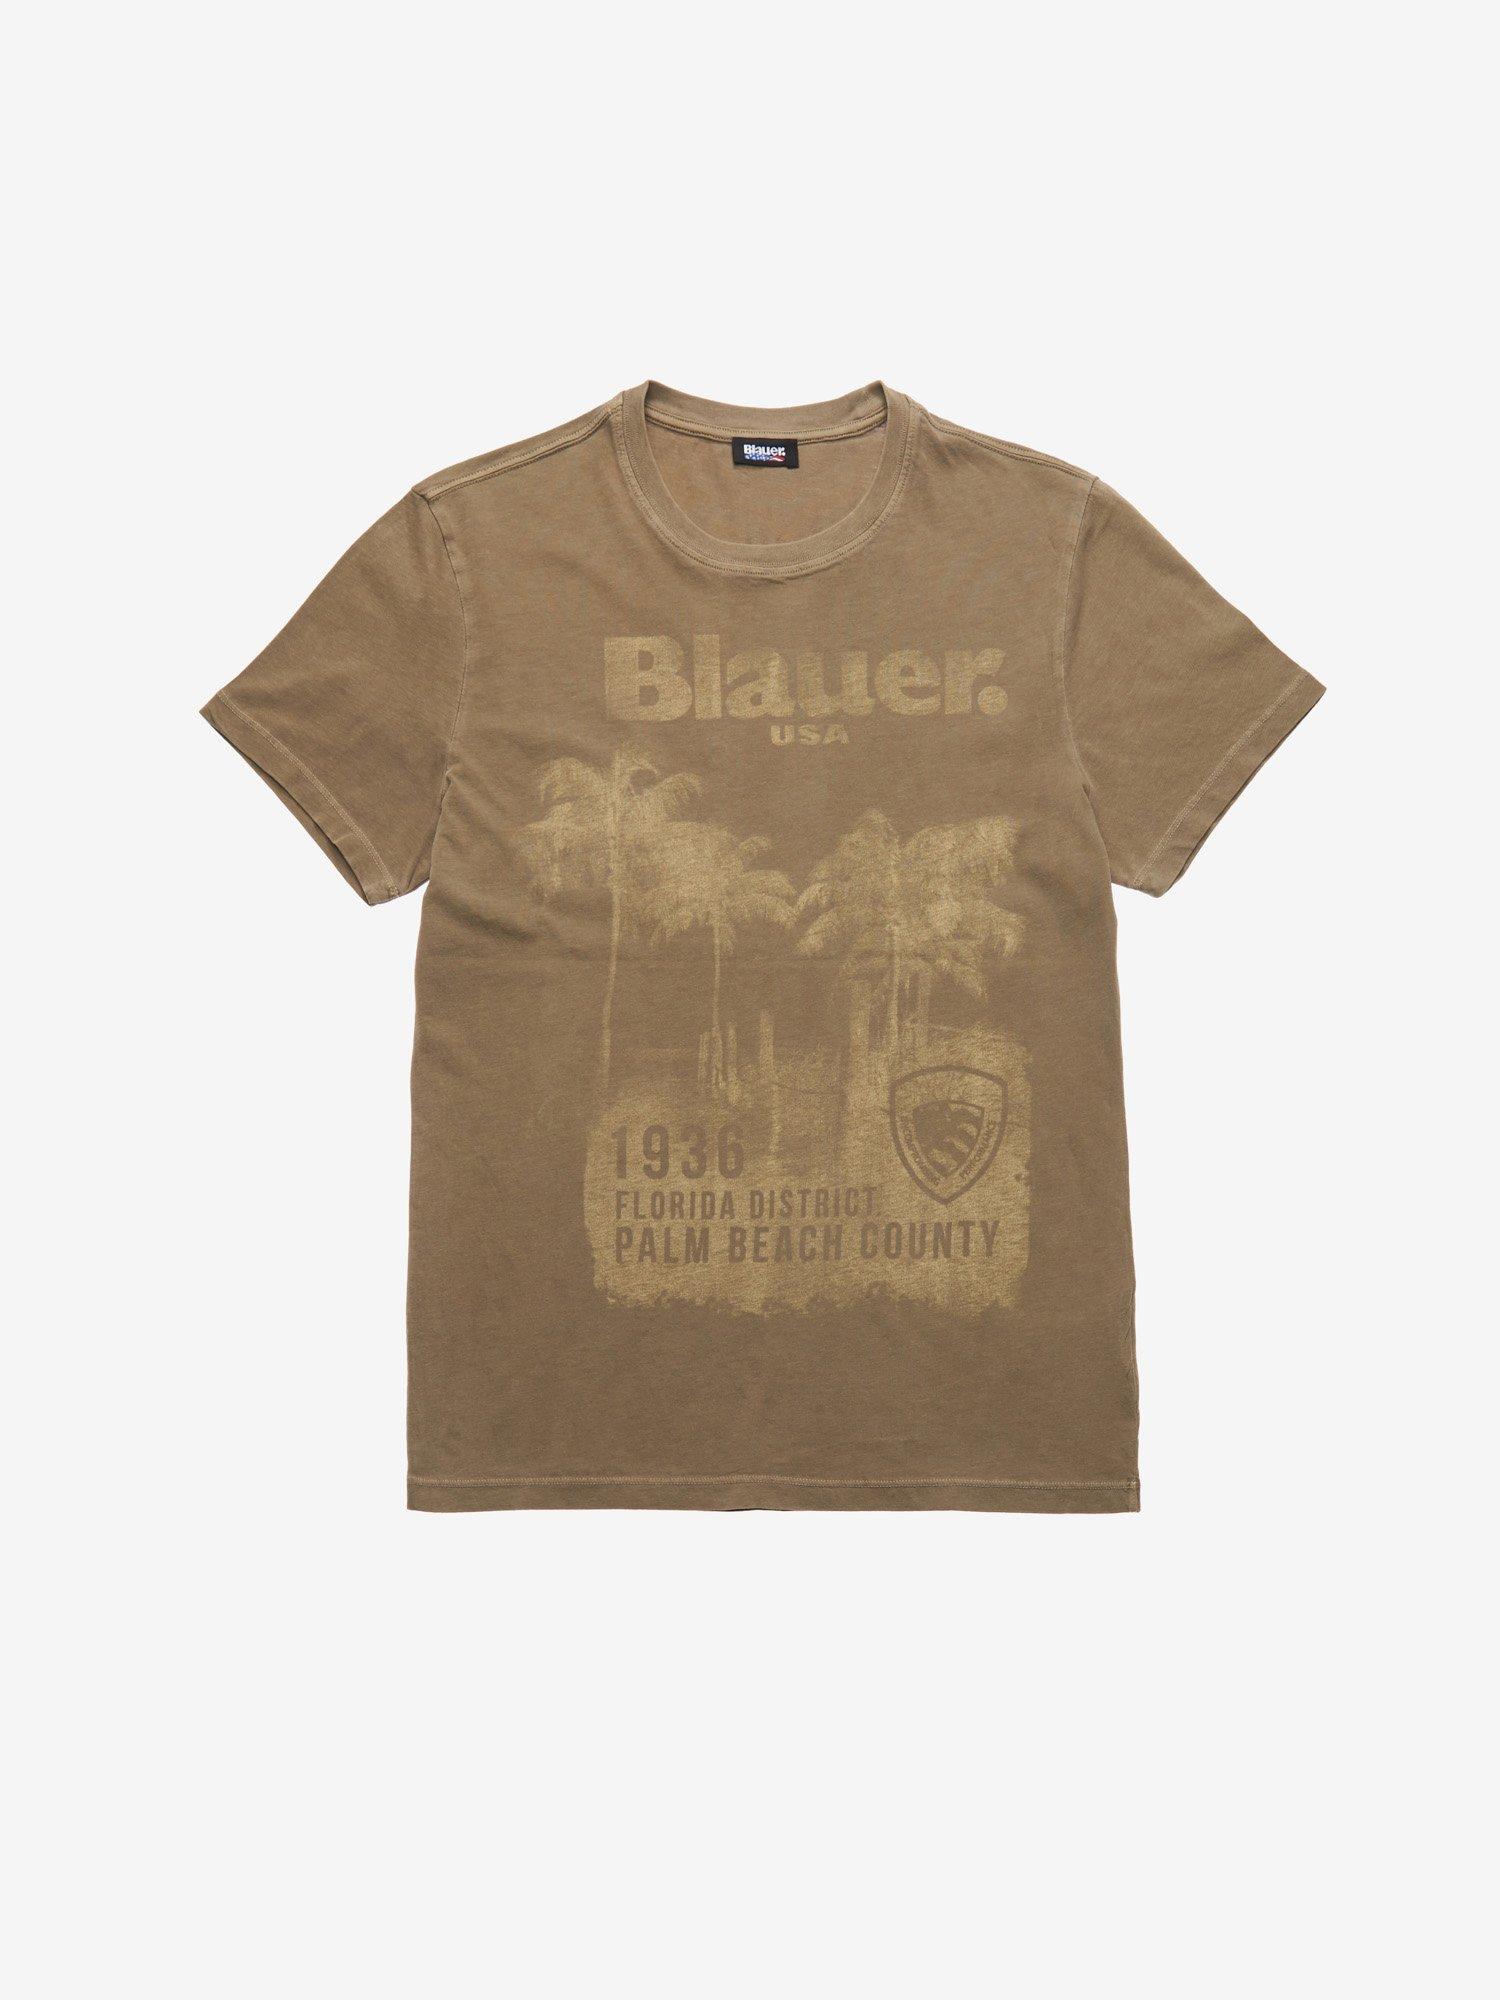 Blauer - PALM BEACH COUNTY T-SHIRT - Dusty Green - Blauer